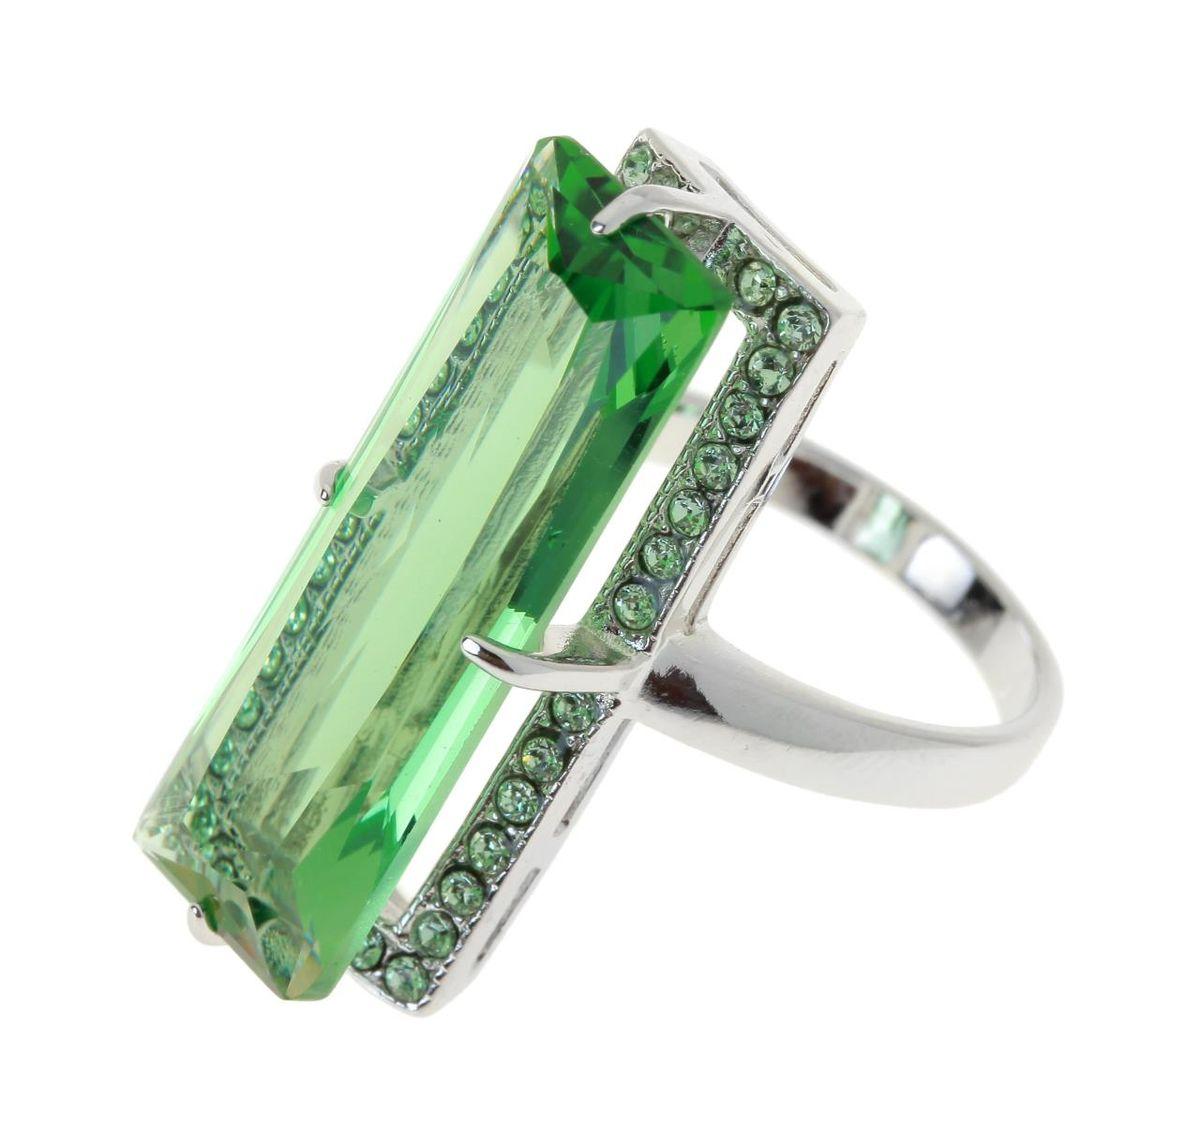 Кольцо Jenavi Коллекция Подиум Креатив, цвет: серебряный, зеленый. h187f030. Размер 19h187f030Коллекция Подиум, Креатив (Кольцо) гипоаллергенный ювелирный сплав,Серебрение c род. , вставка Кристаллы Swarovski , цвет - серебряный, зеленый, размер - 19 избегать взаимодействия с водой и химическими средствами